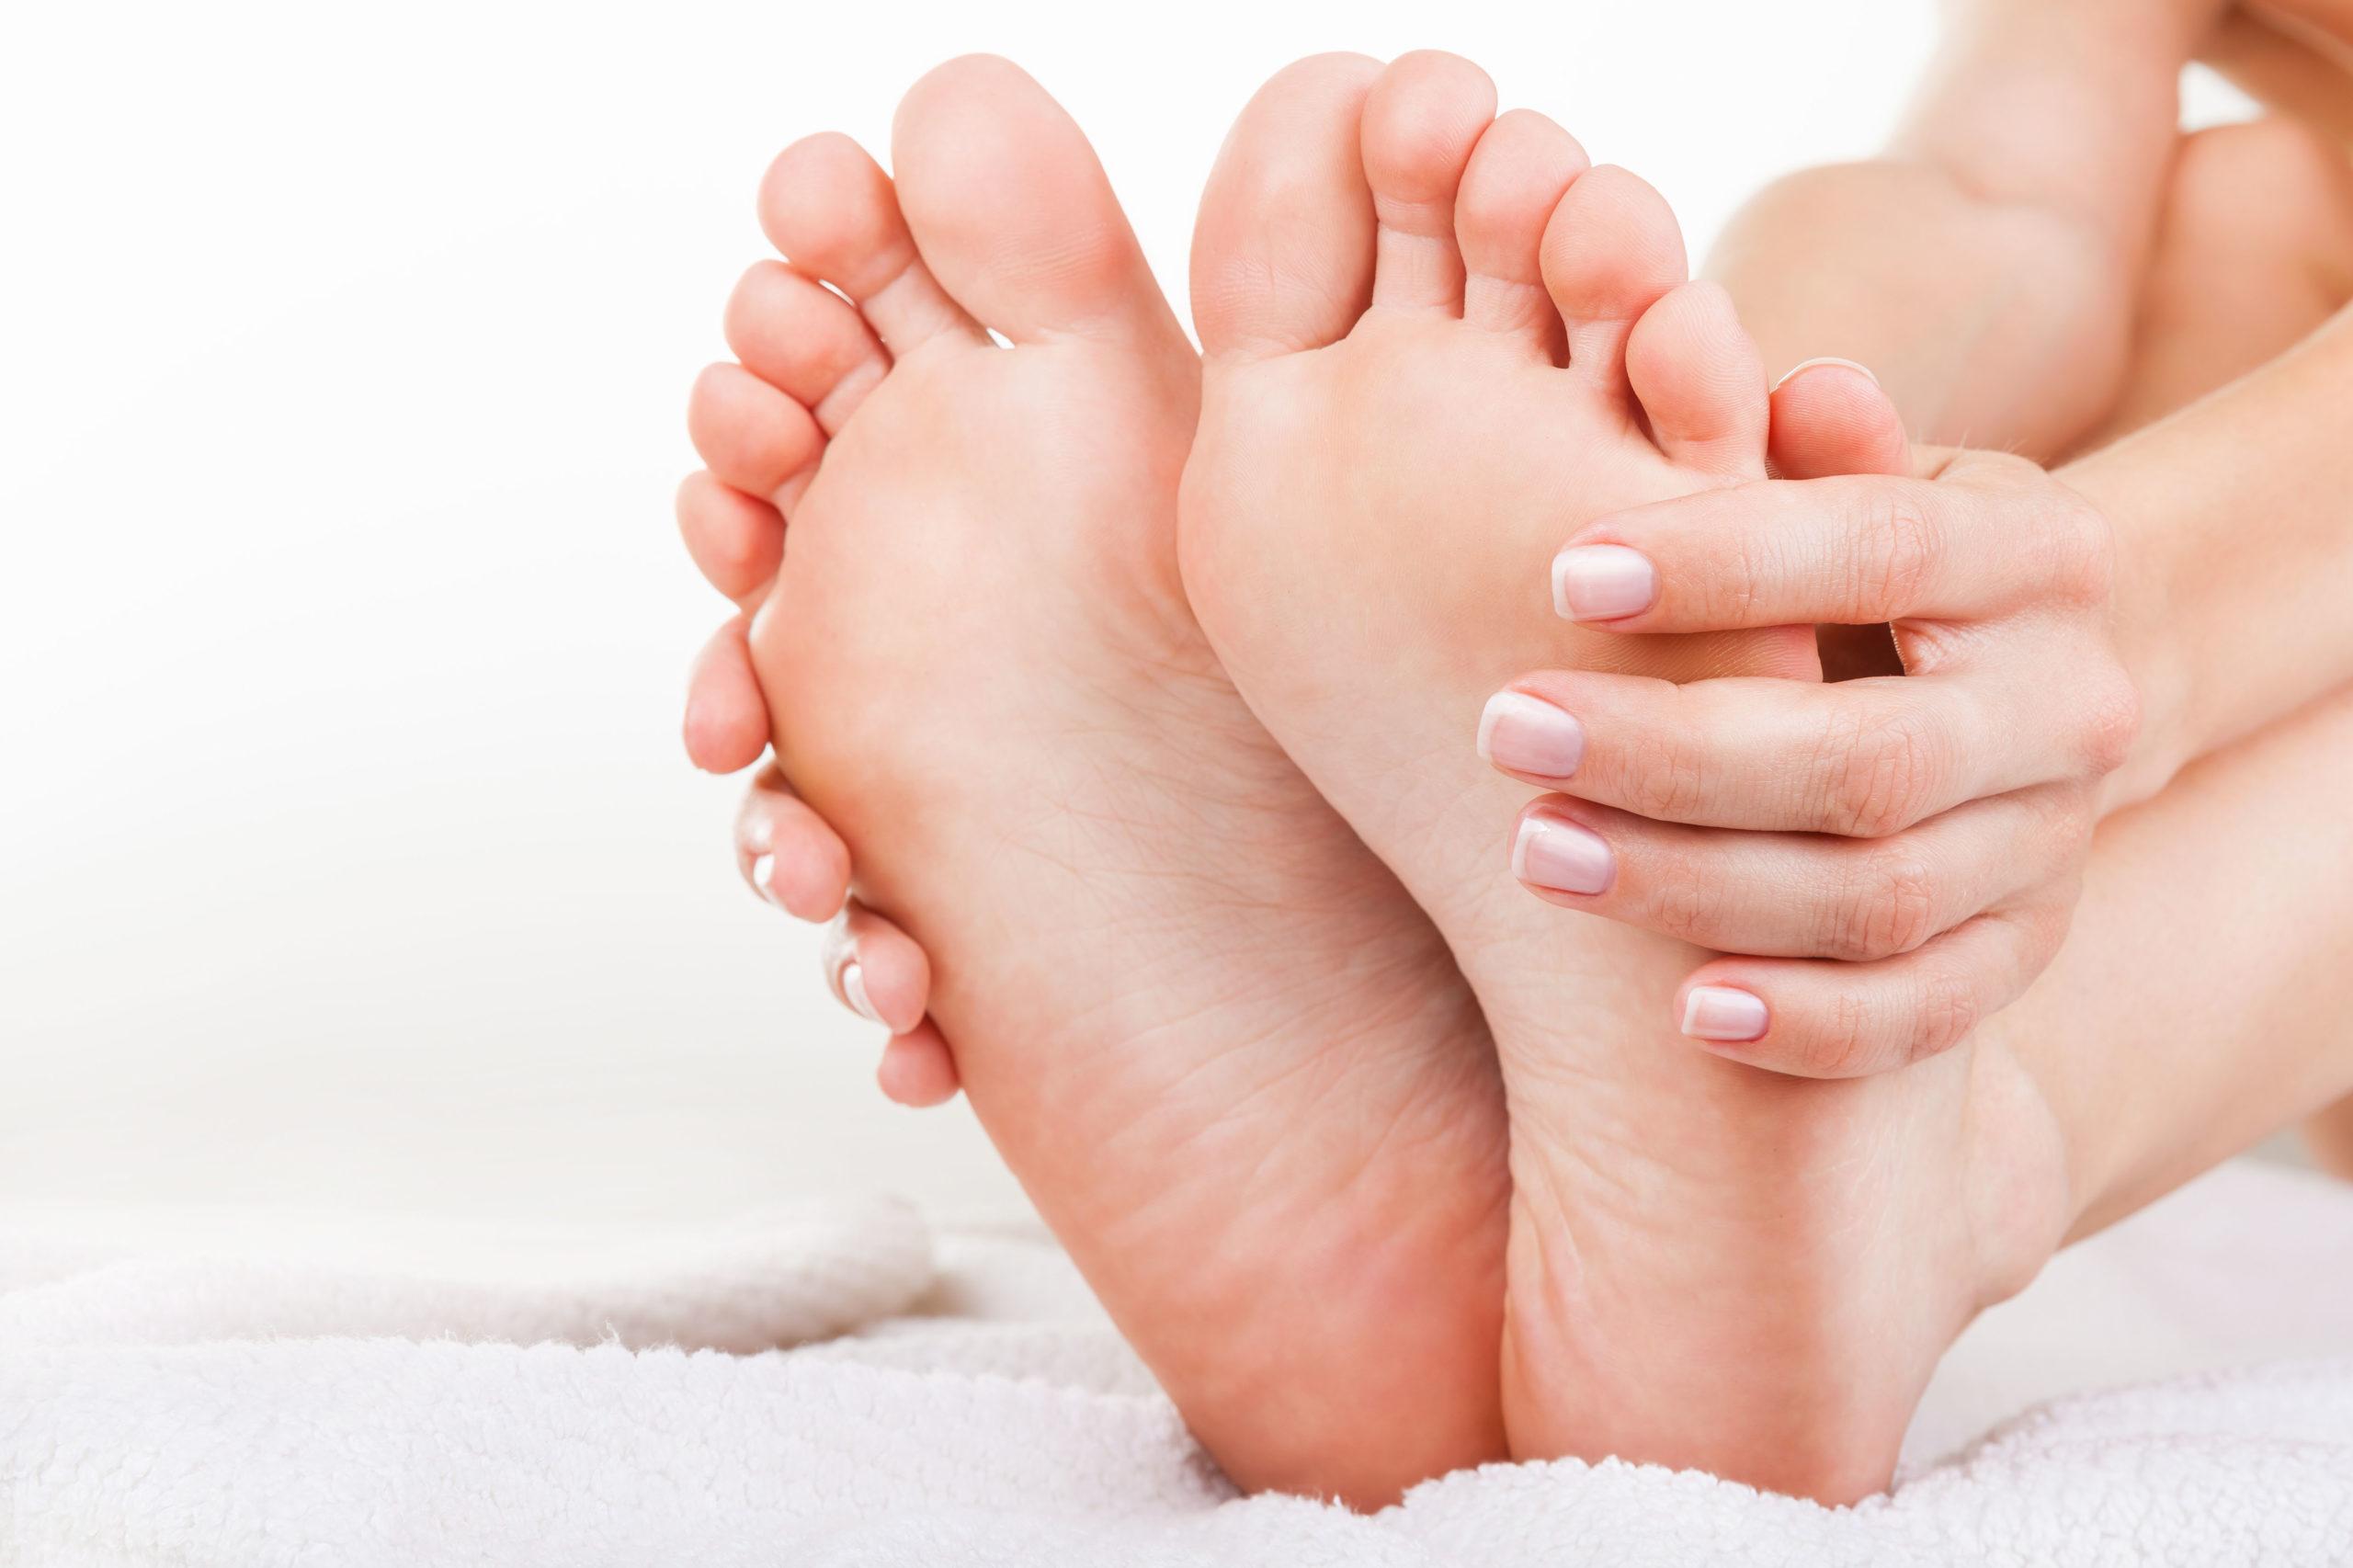 Bei Nervenschmerzen in den Füßen handeln statt abwarten